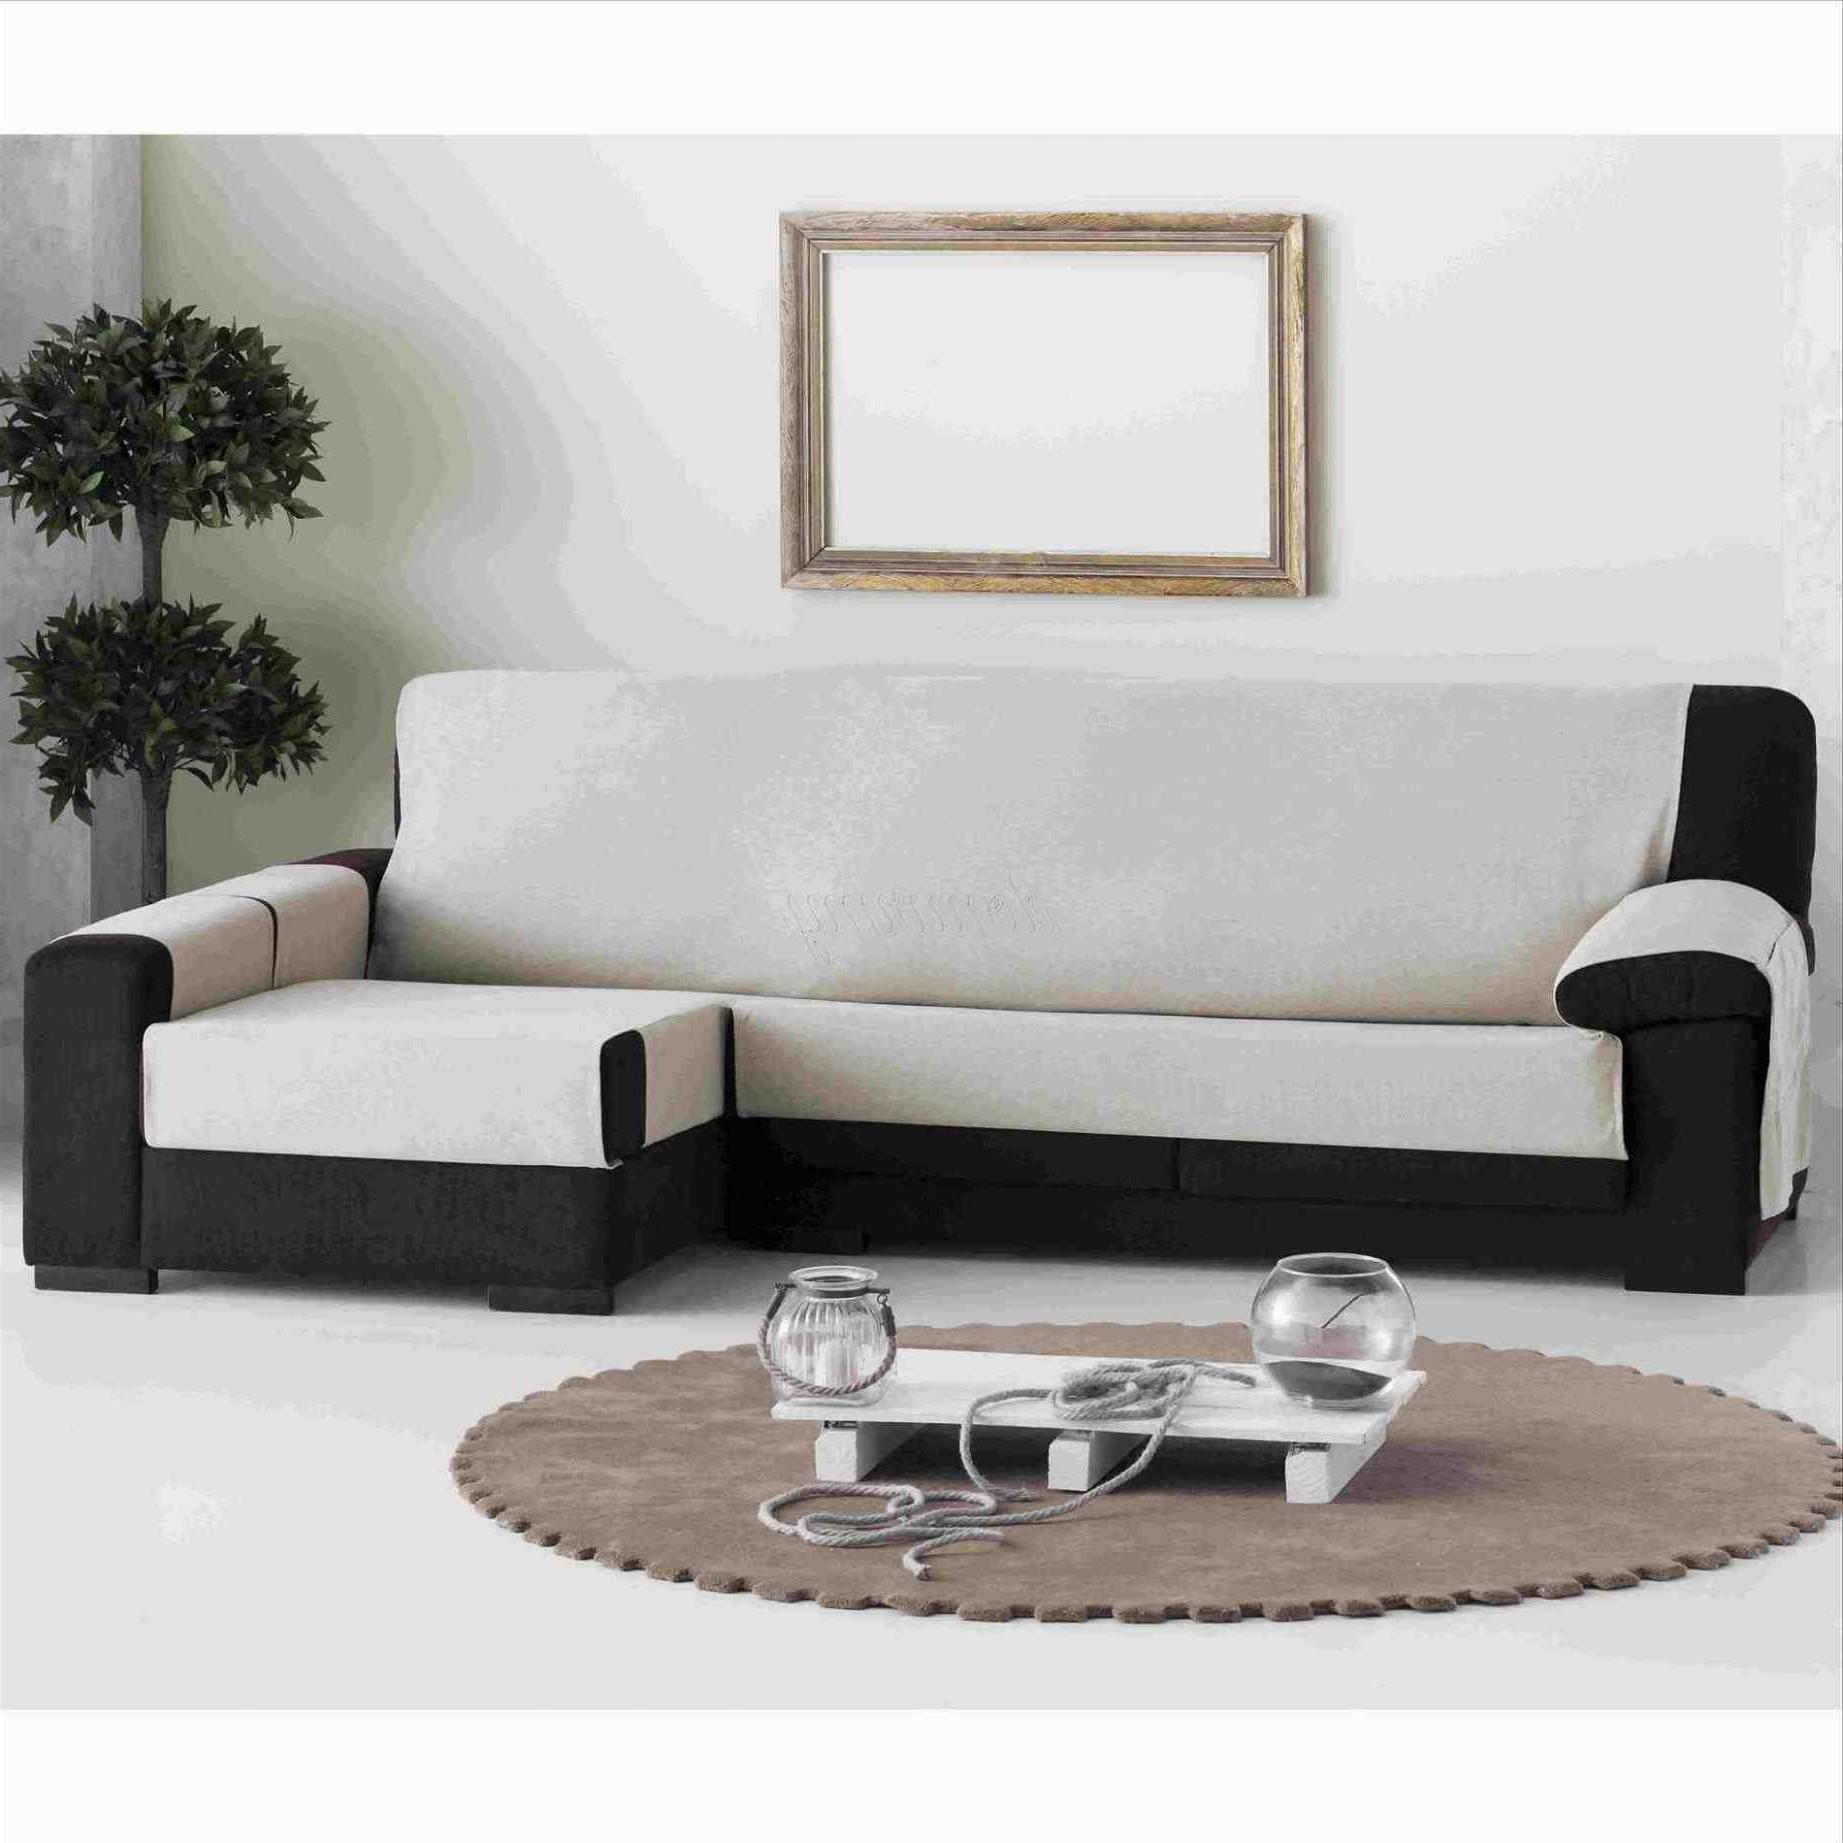 Cubre sofas Carrefour Qwdq Cubre sofas Carrefour Baci Living Room Shanerucopy